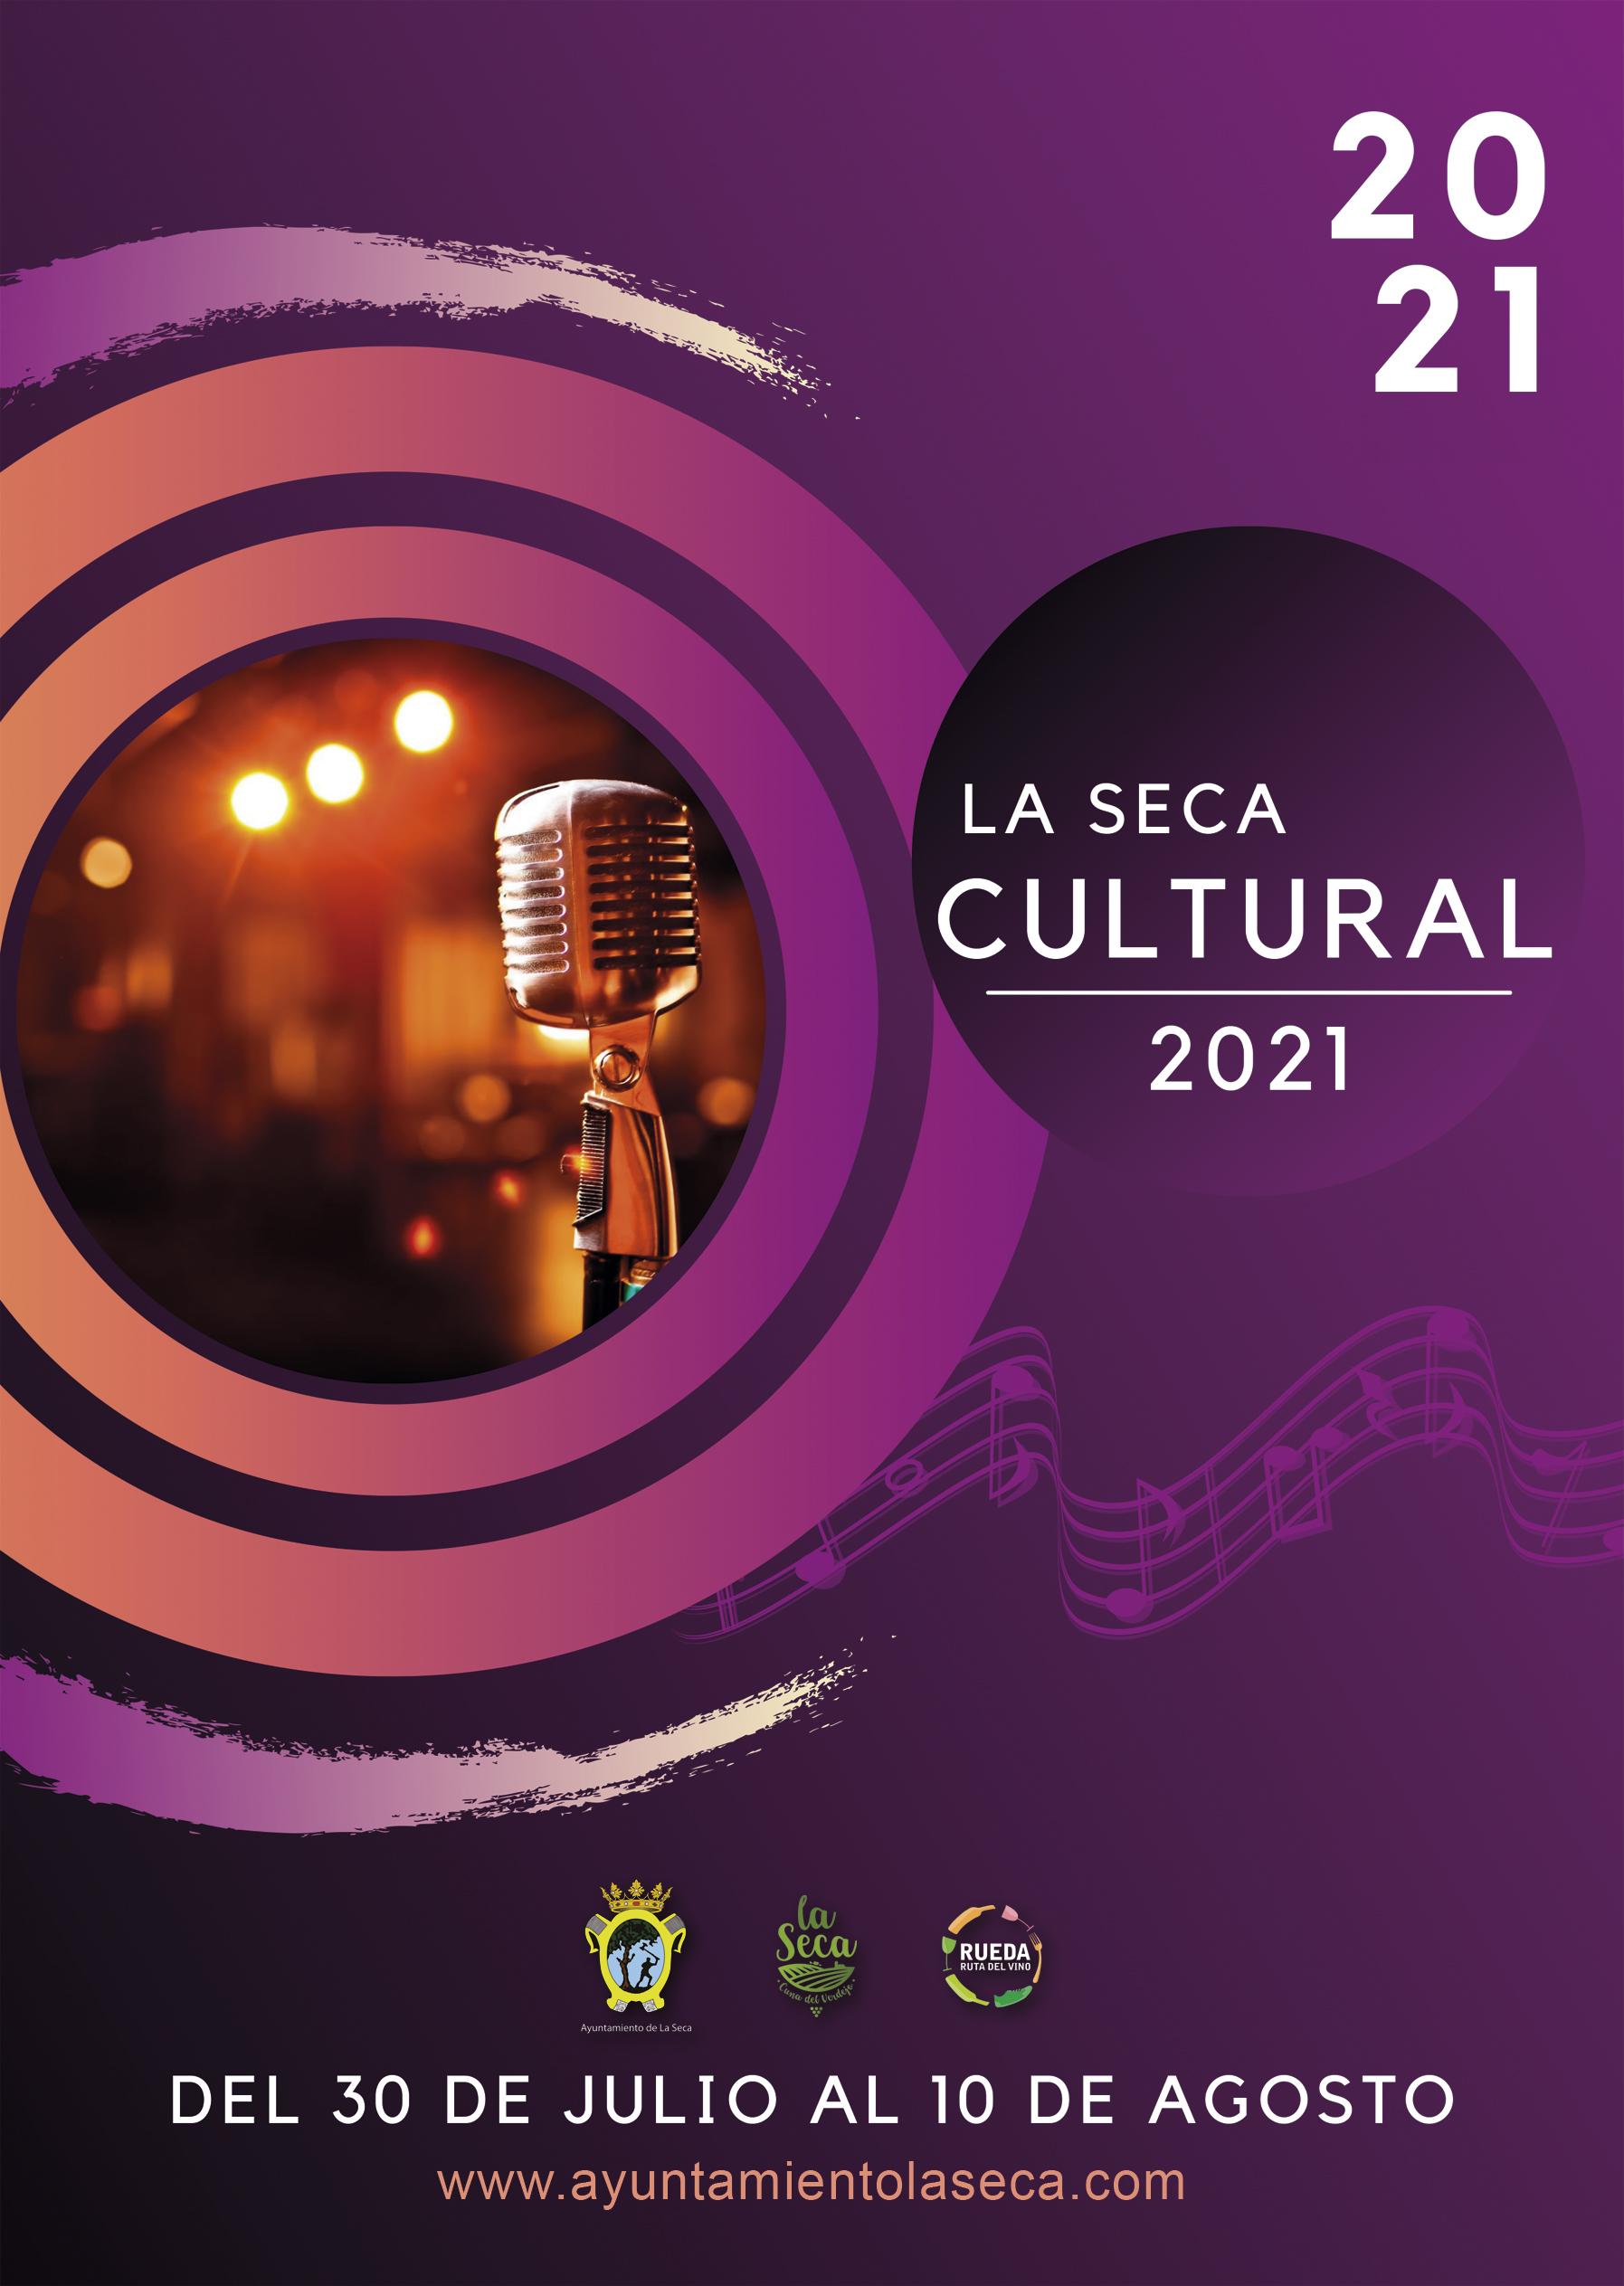 La Seca Cultural 2021 del 30 de julio al 10 de agosto